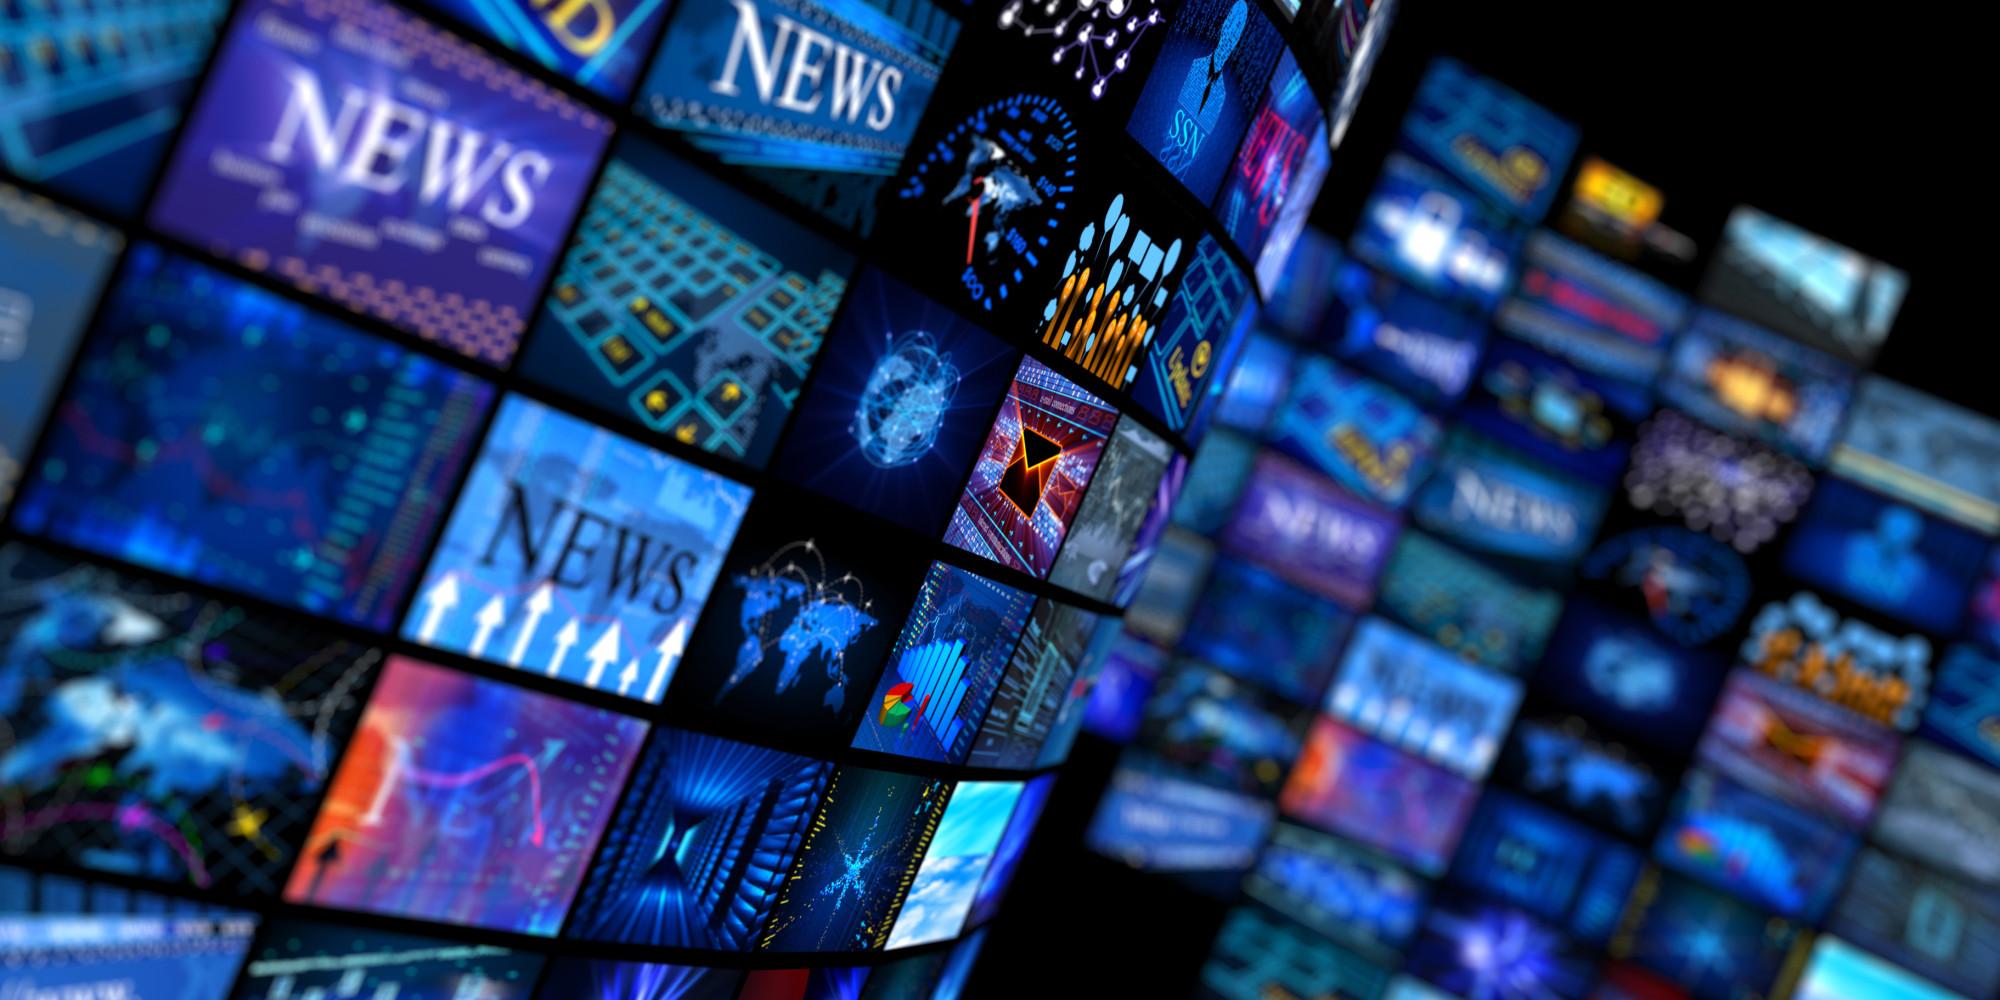 GUERRA DELLE OFFERTE E SANTE ALLEANZE: COSA SI MUOVE NEL MERCATO DEI MEDIA  – SUL PALCO